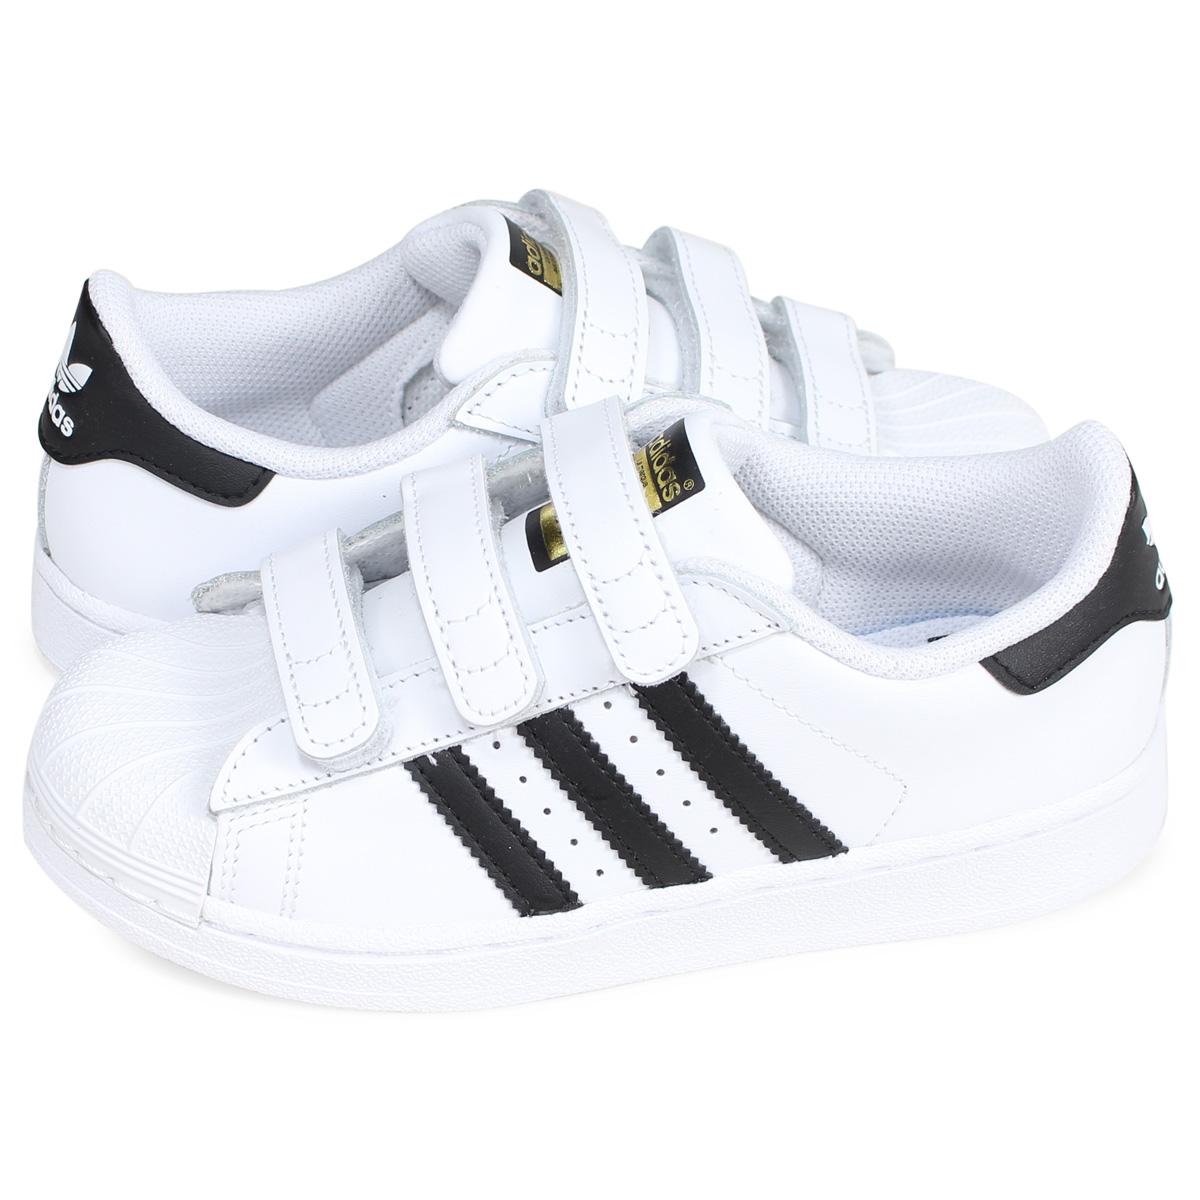 d58d7a83e91 adidas Originals SUPERSTAR FOUNDATION CF C Adidas originals superstar  sneakers kids Velcro white white B26070